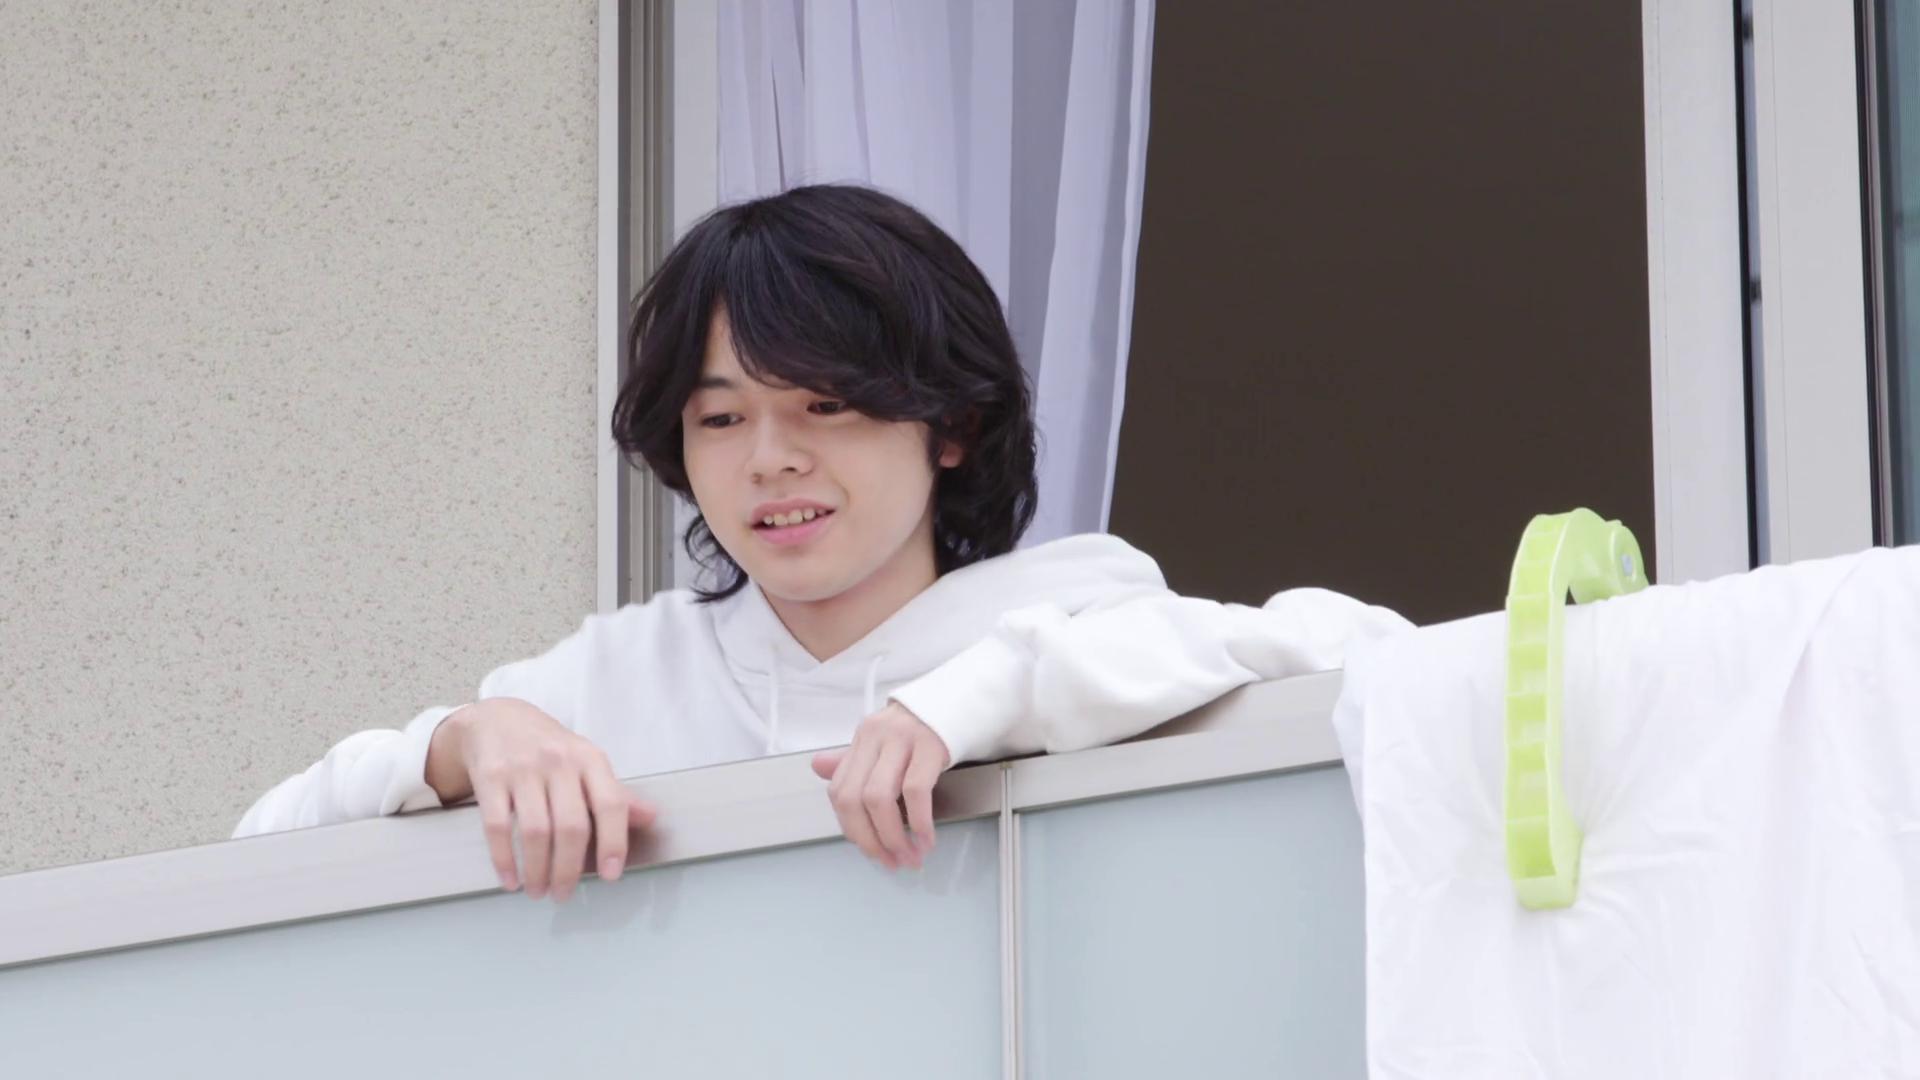 Isamu Fuwa's brother